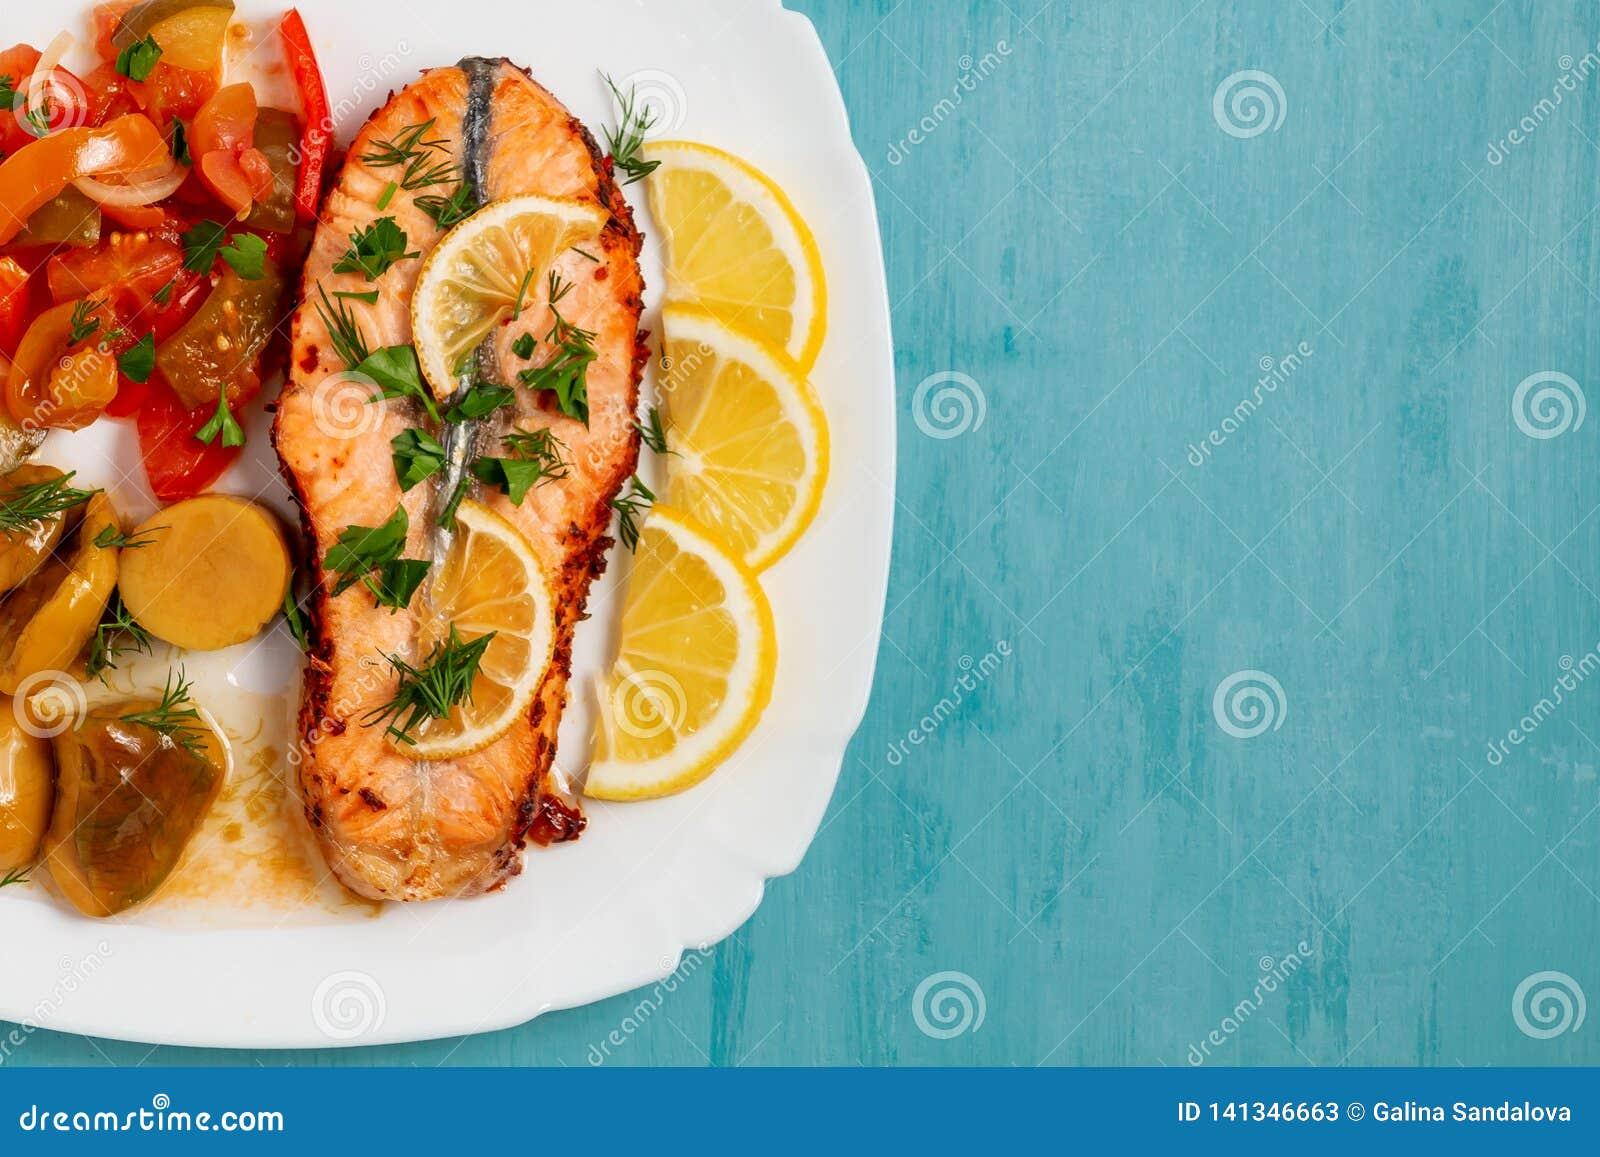 Bakad laxfilémedaljong med sallad av inlagda grönsaker och champinjoner på en vit platta på en blå bakgrund, bästa sikt,